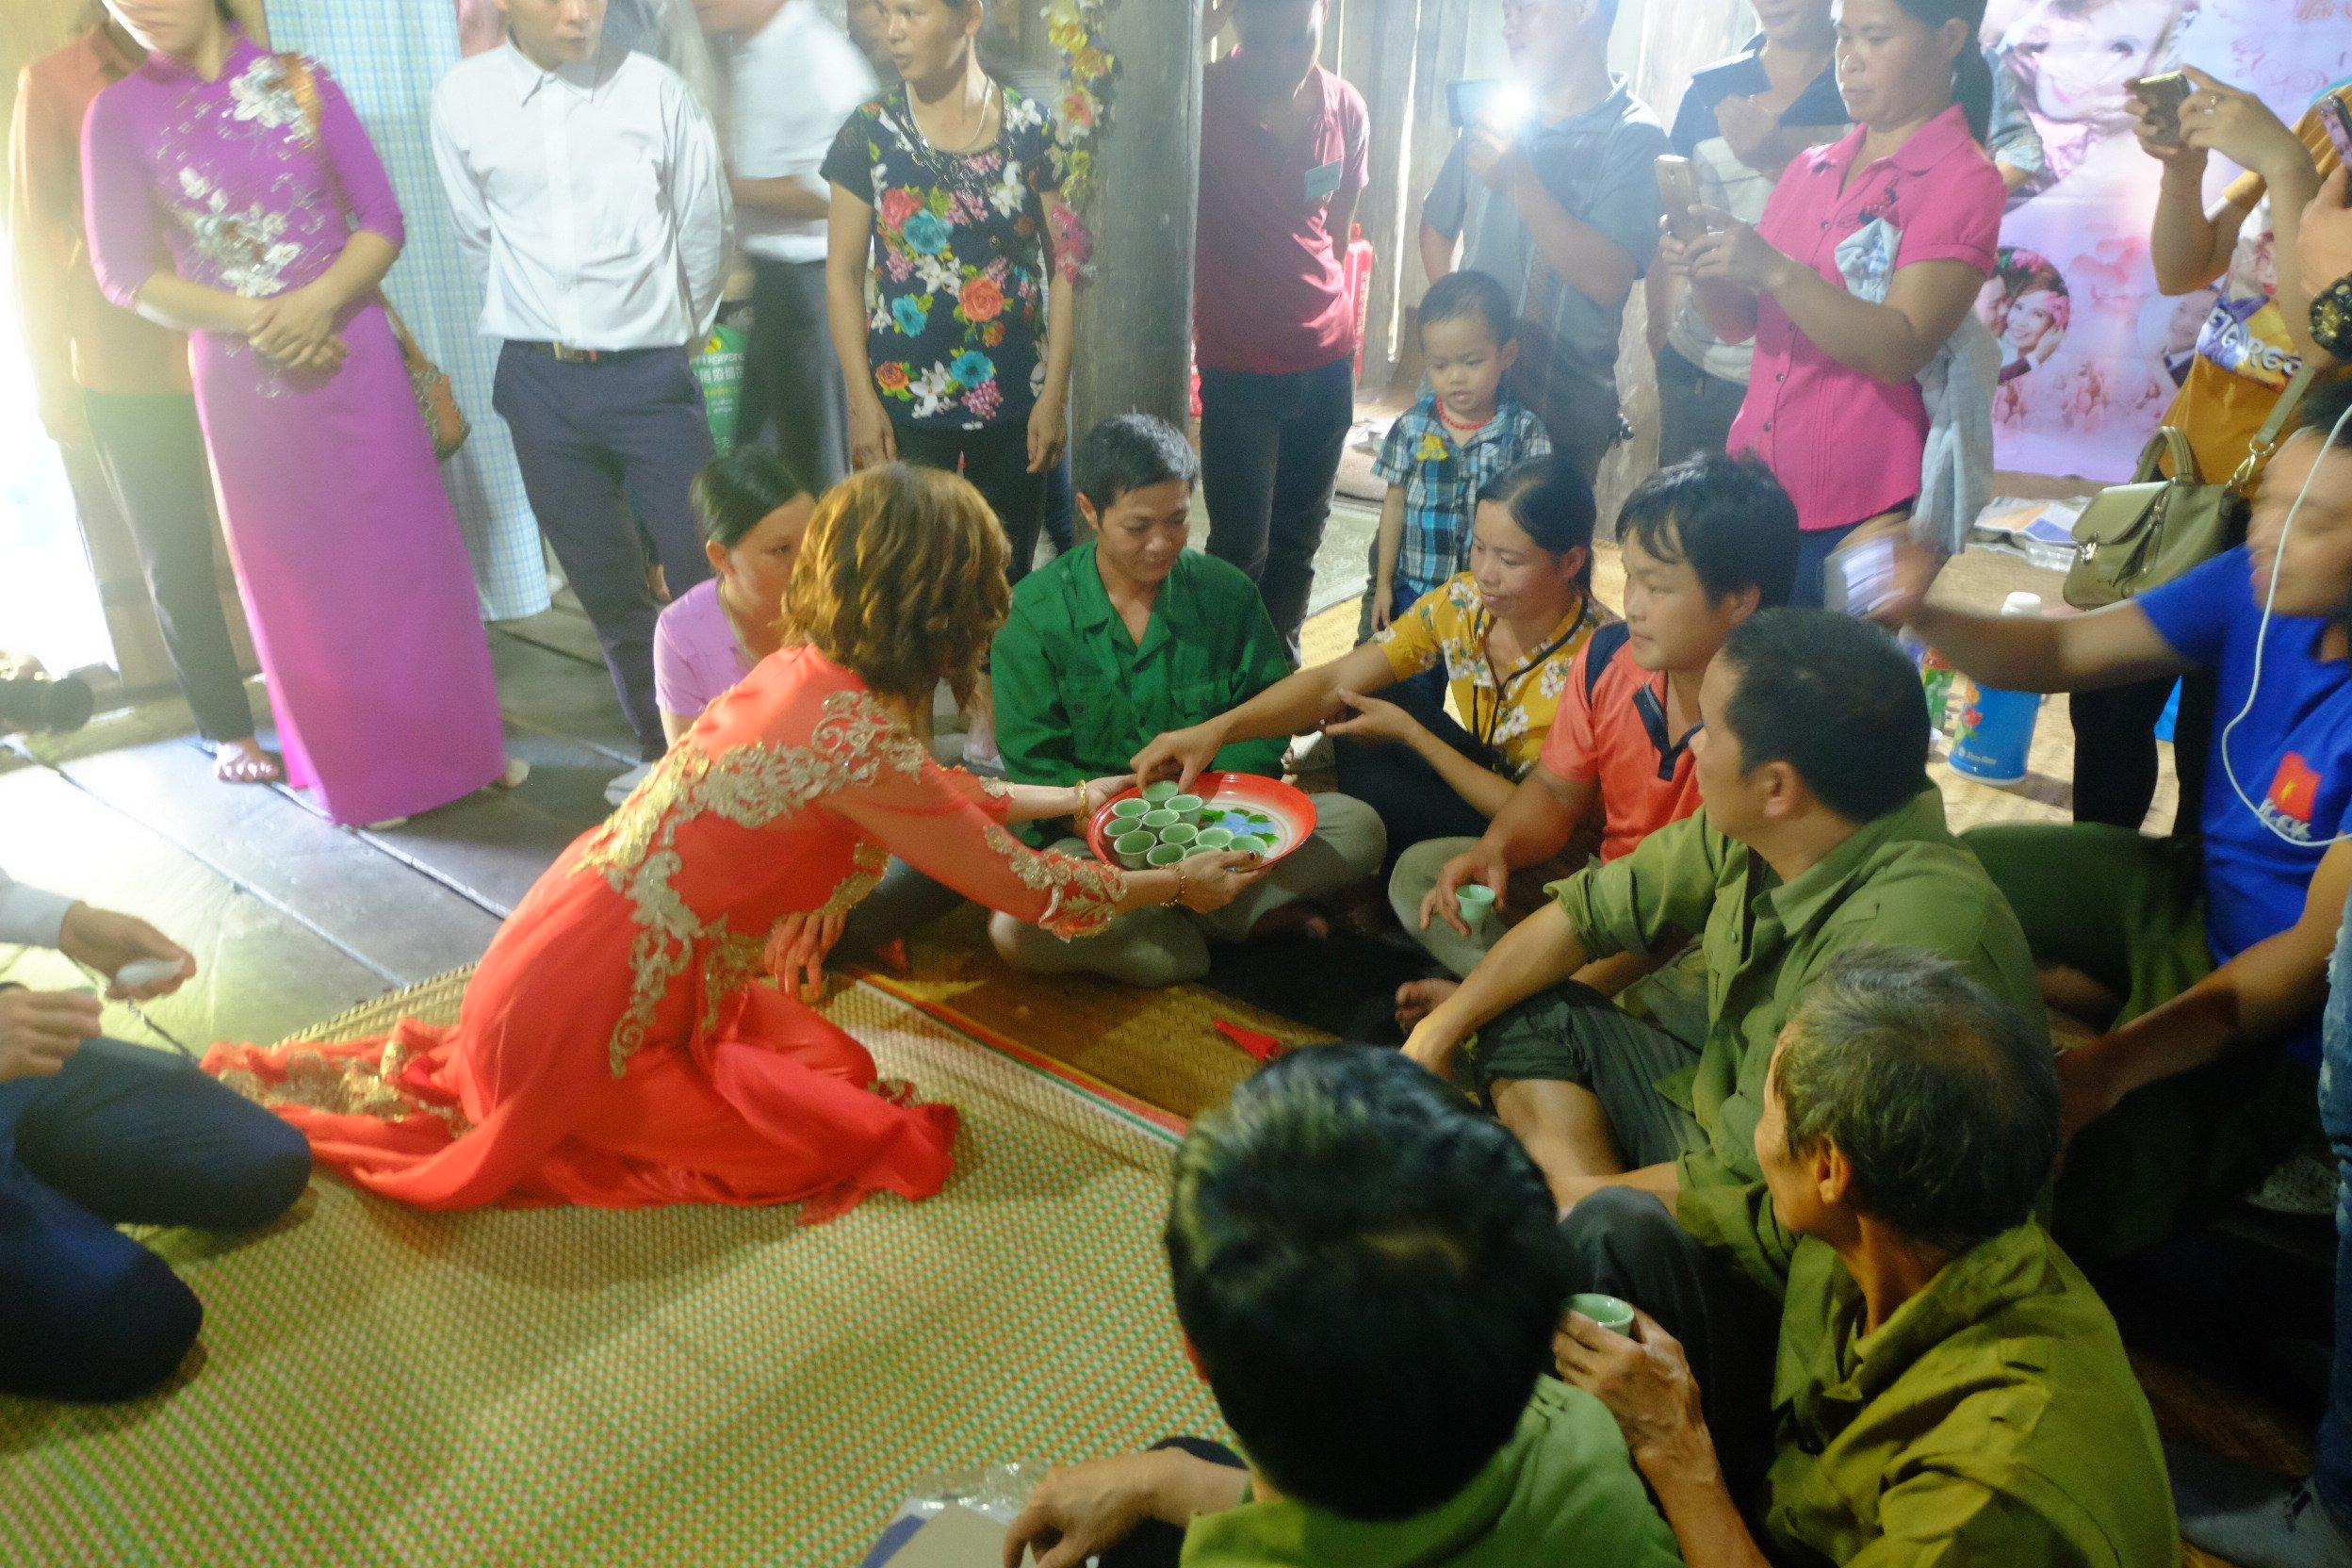 Cô dâu 62 tuổi mặc váy cưới, lội qua 3 con suối về nhà chồng trong niềm hân hoan Ảnh 10